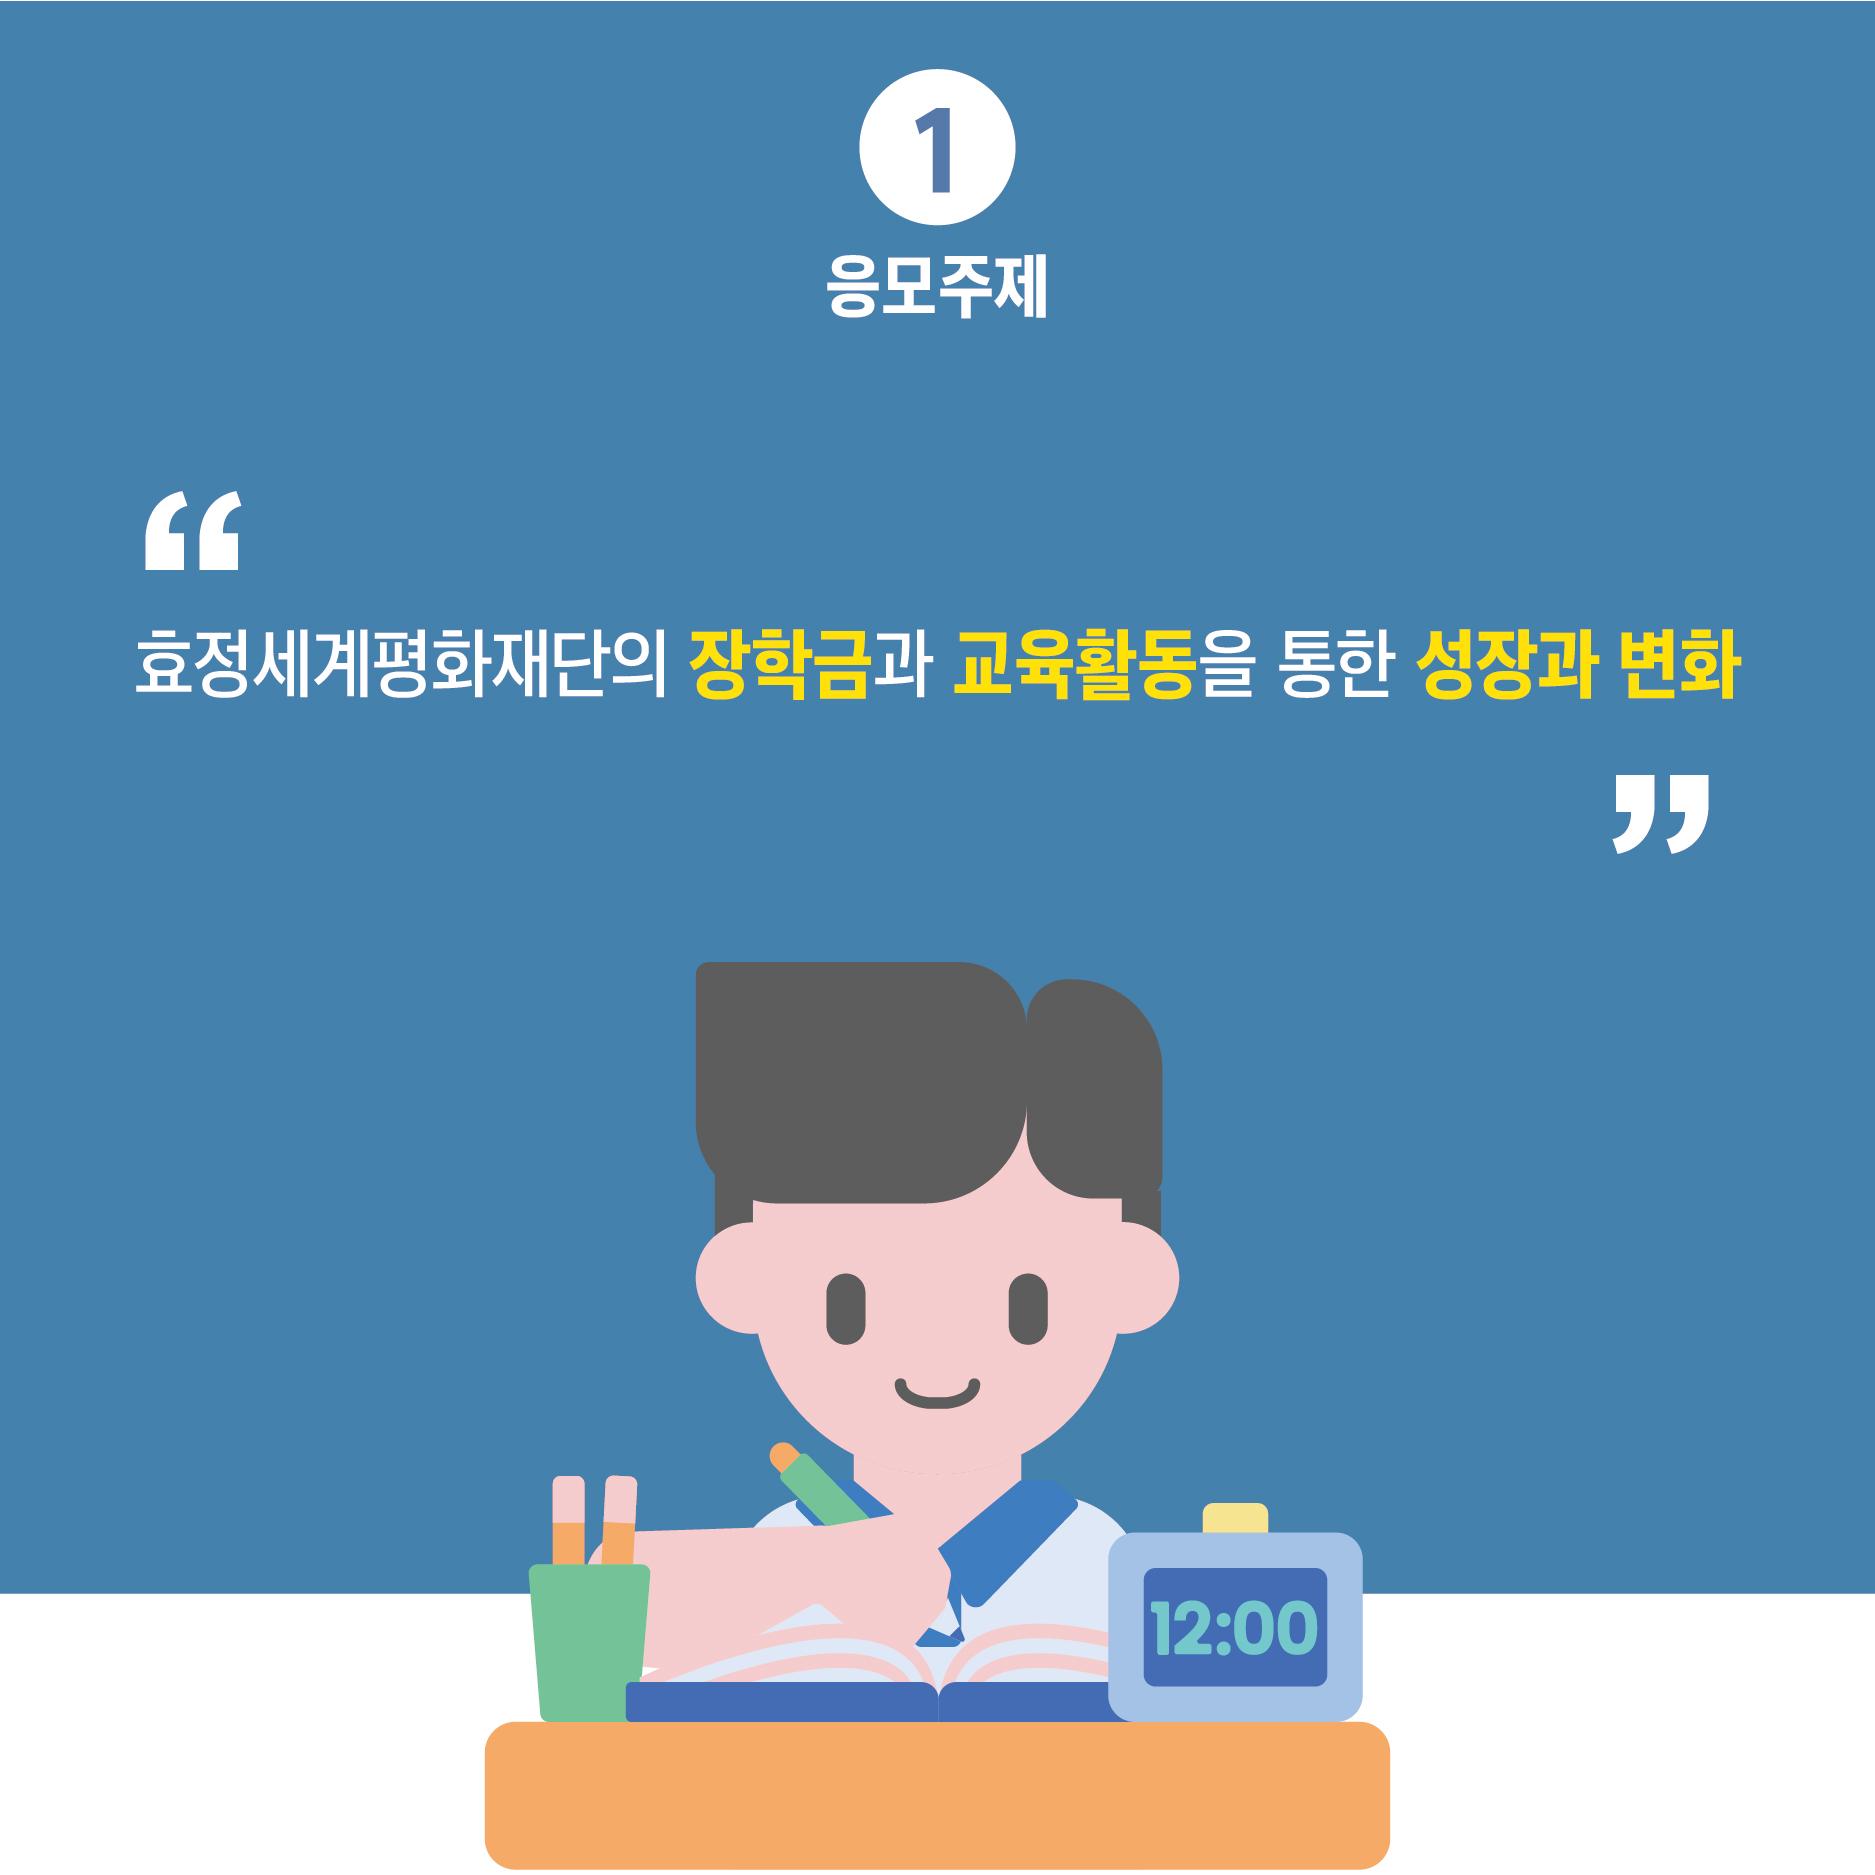 수기카드뉴스만들어보자3-06.jpg